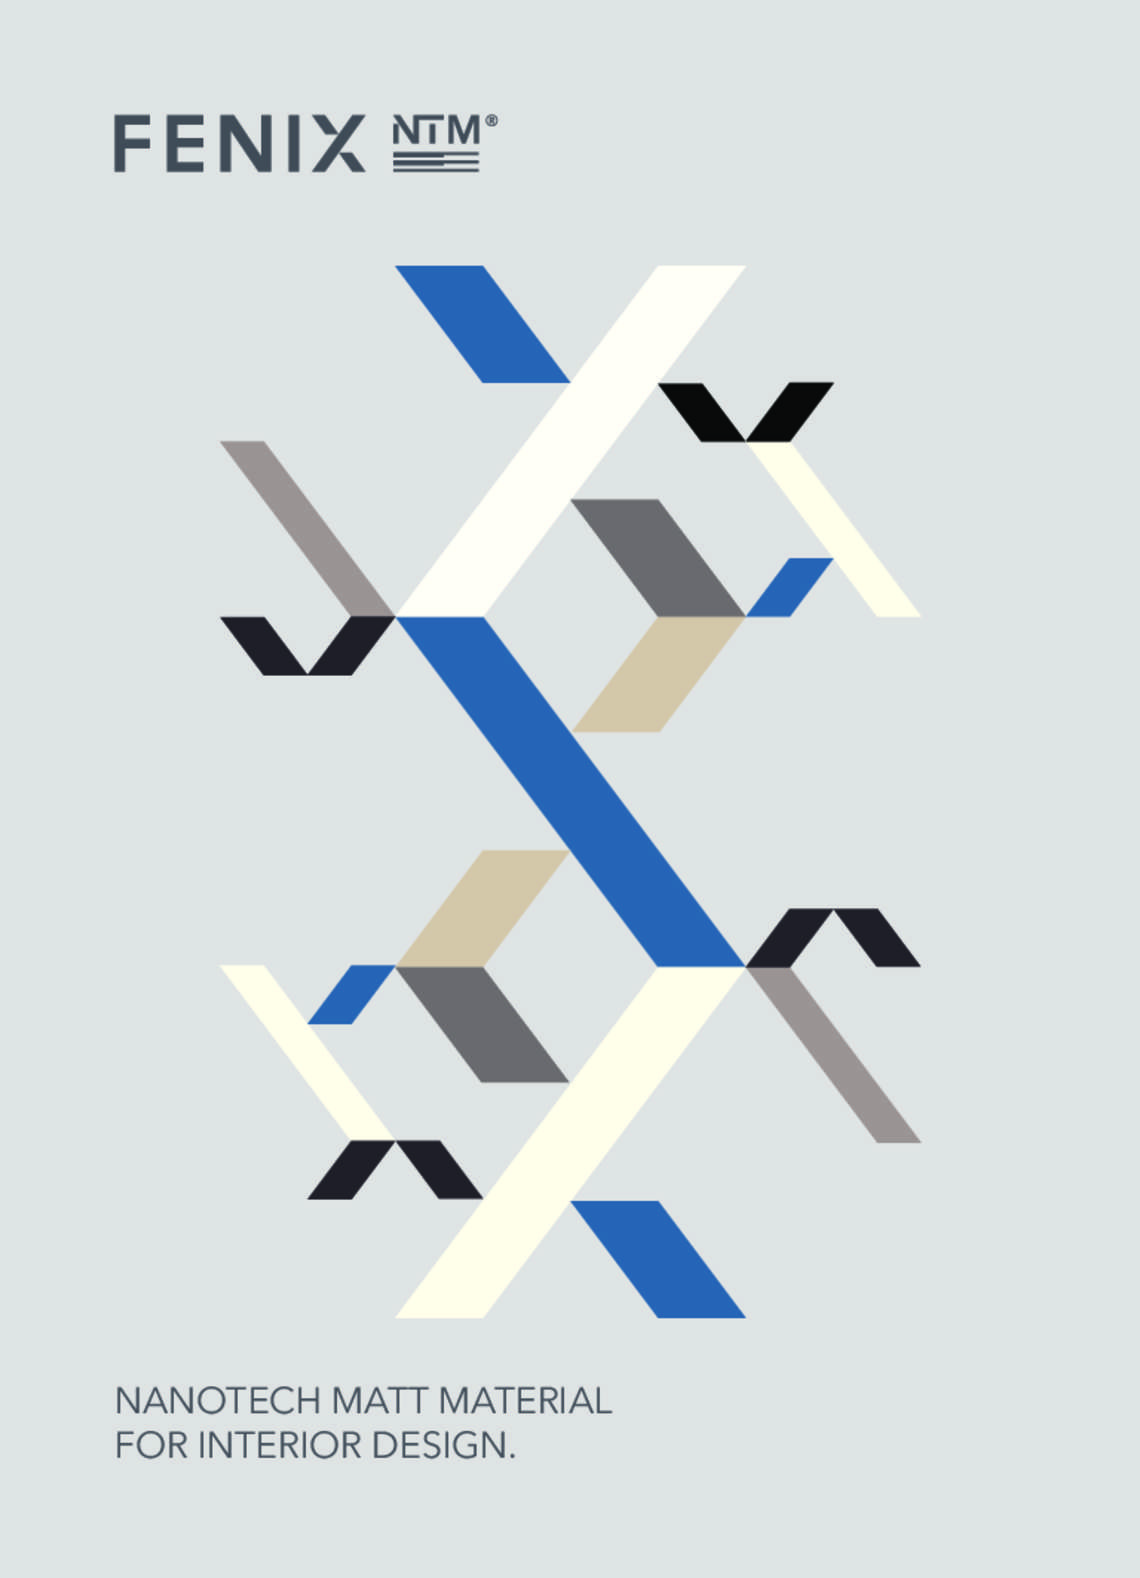 Fenix Ntm Tisch ~ Produktkataloge Komponenten und Zubehör für Möb